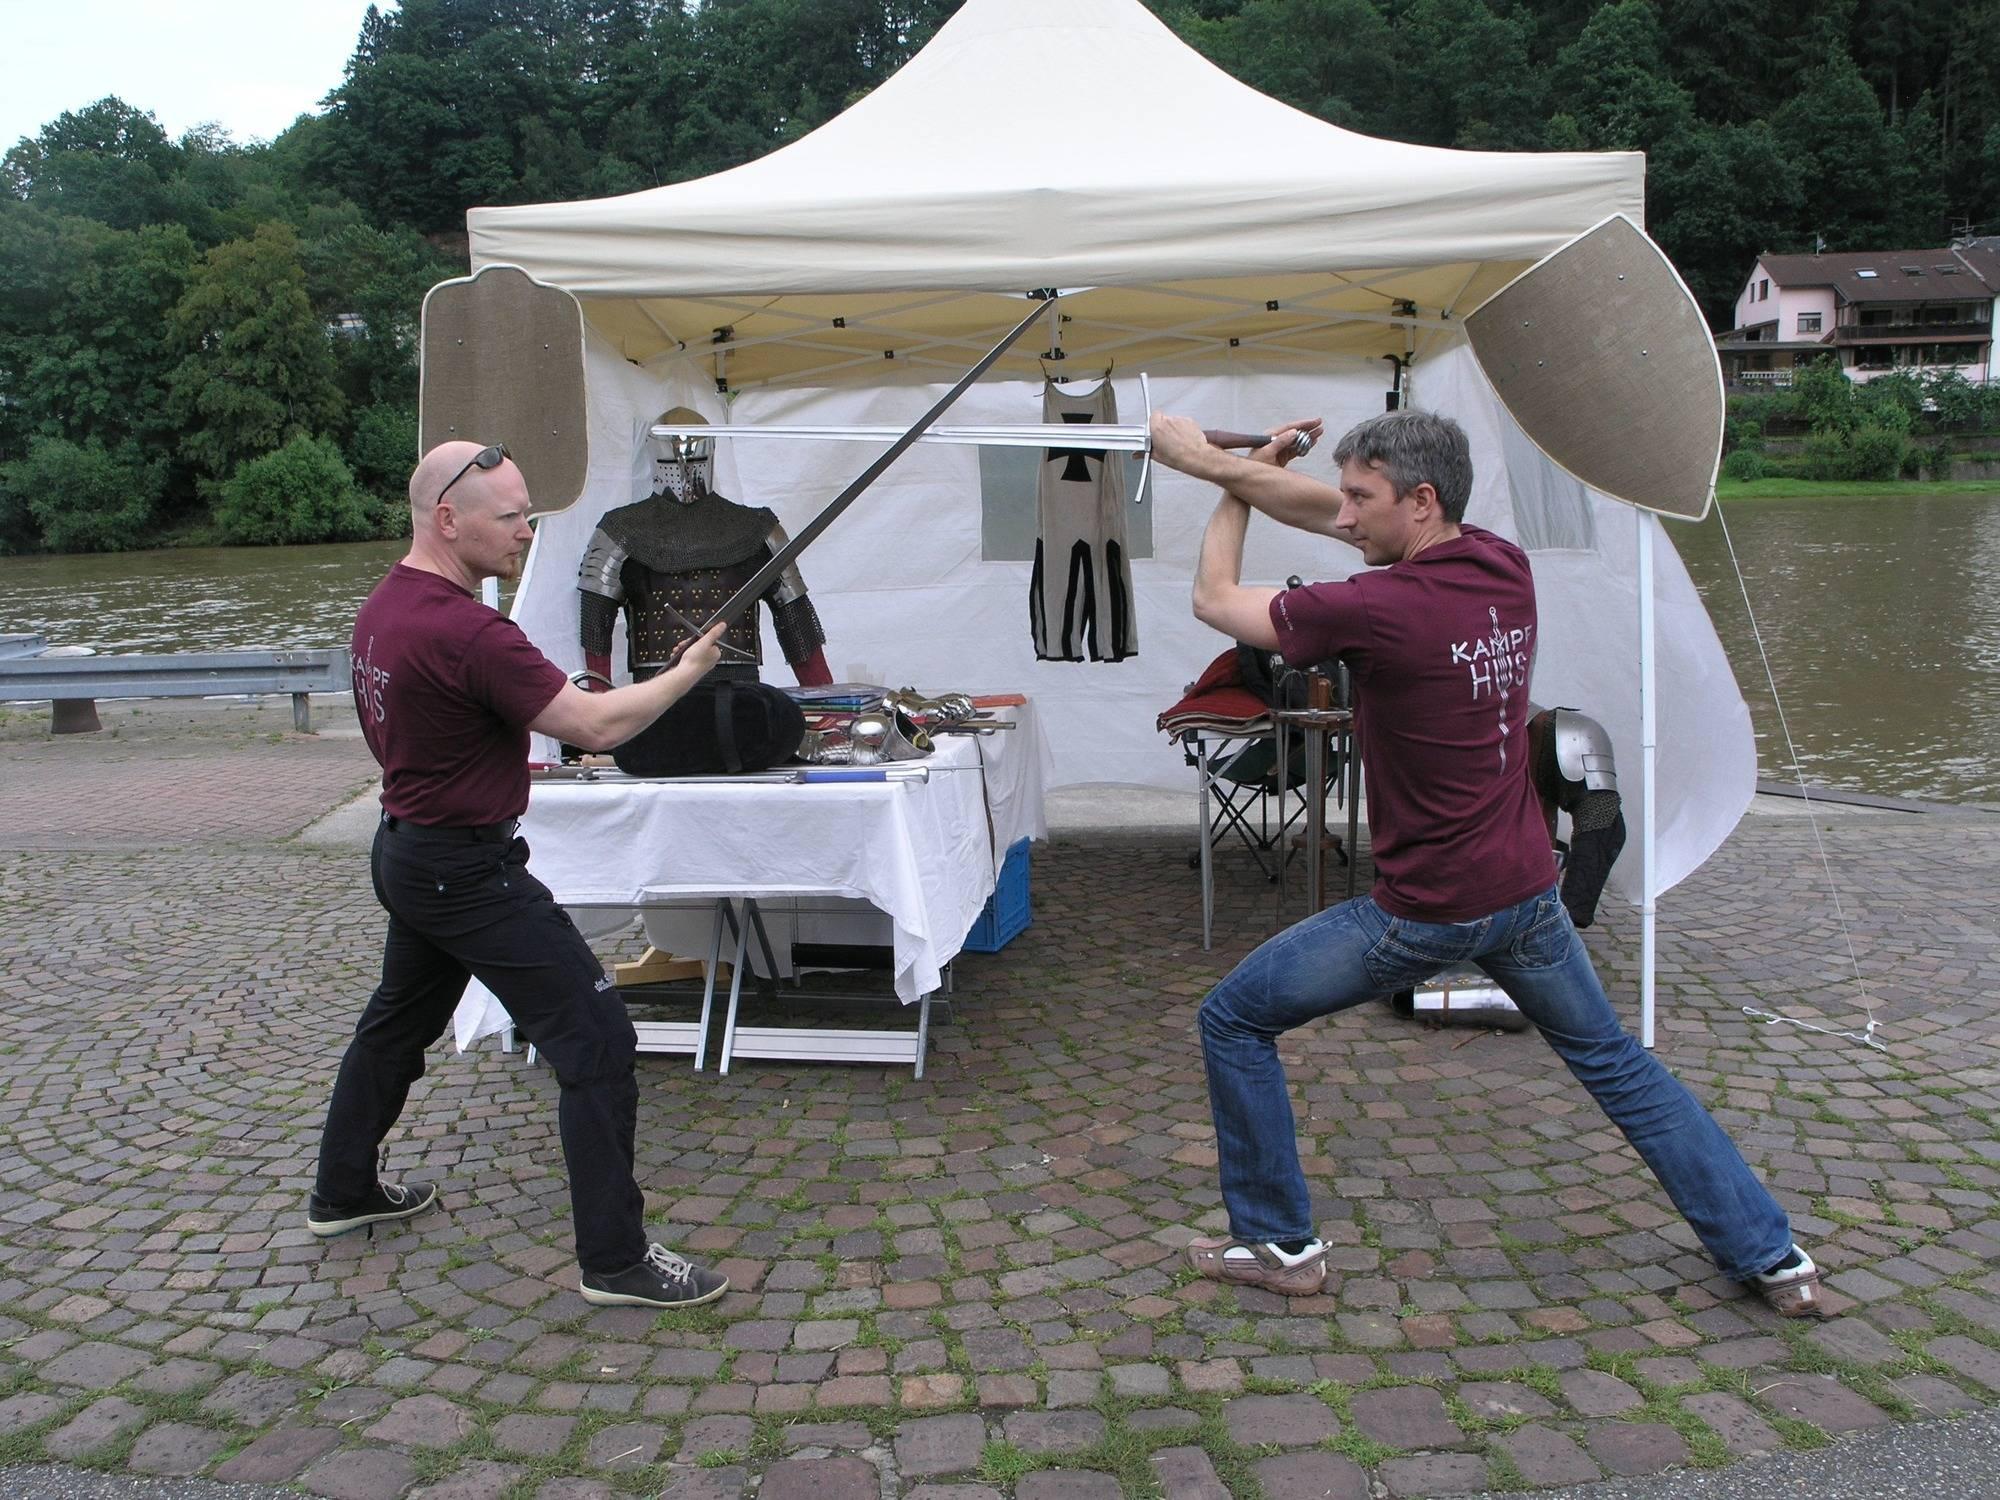 Kampfhûs beim lebendigem Neckar in Hirschhorn 2016